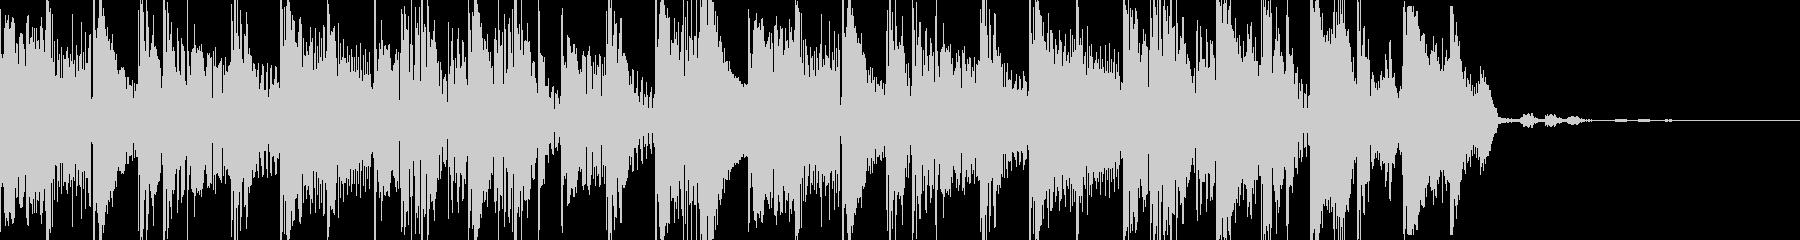 ベースハウスなシンキングタイム音の未再生の波形